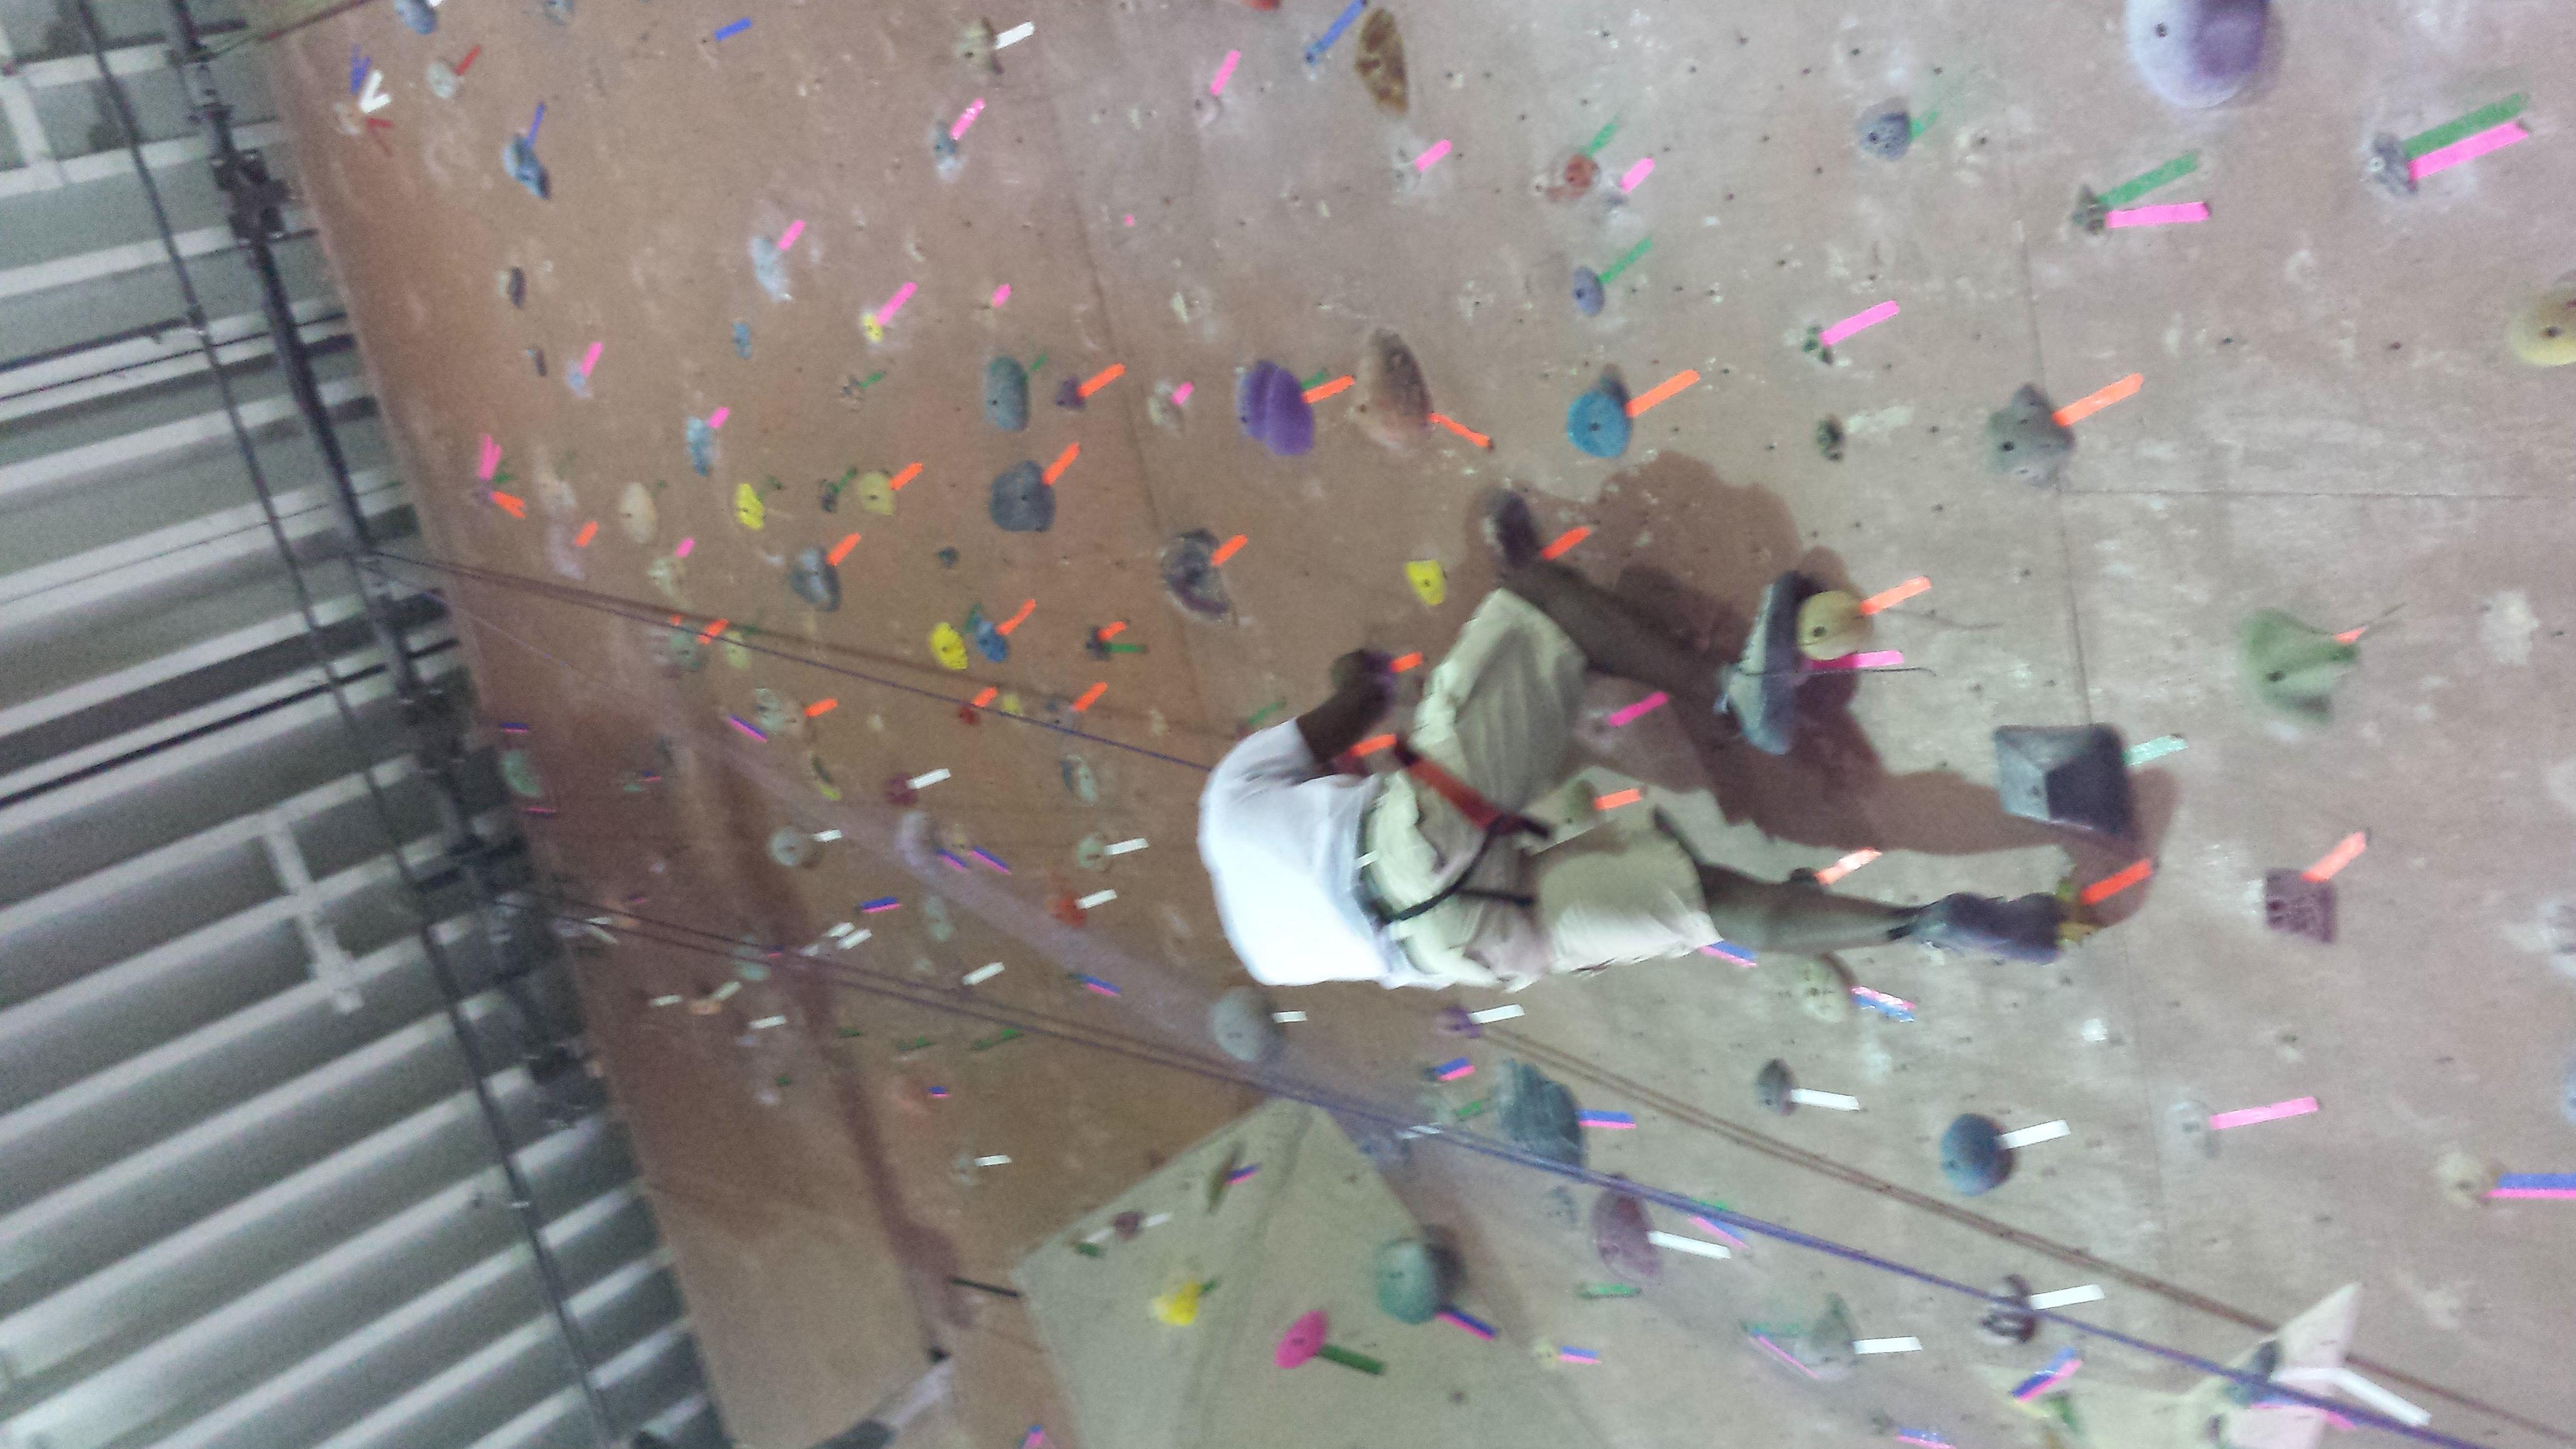 Rock Climbing Event